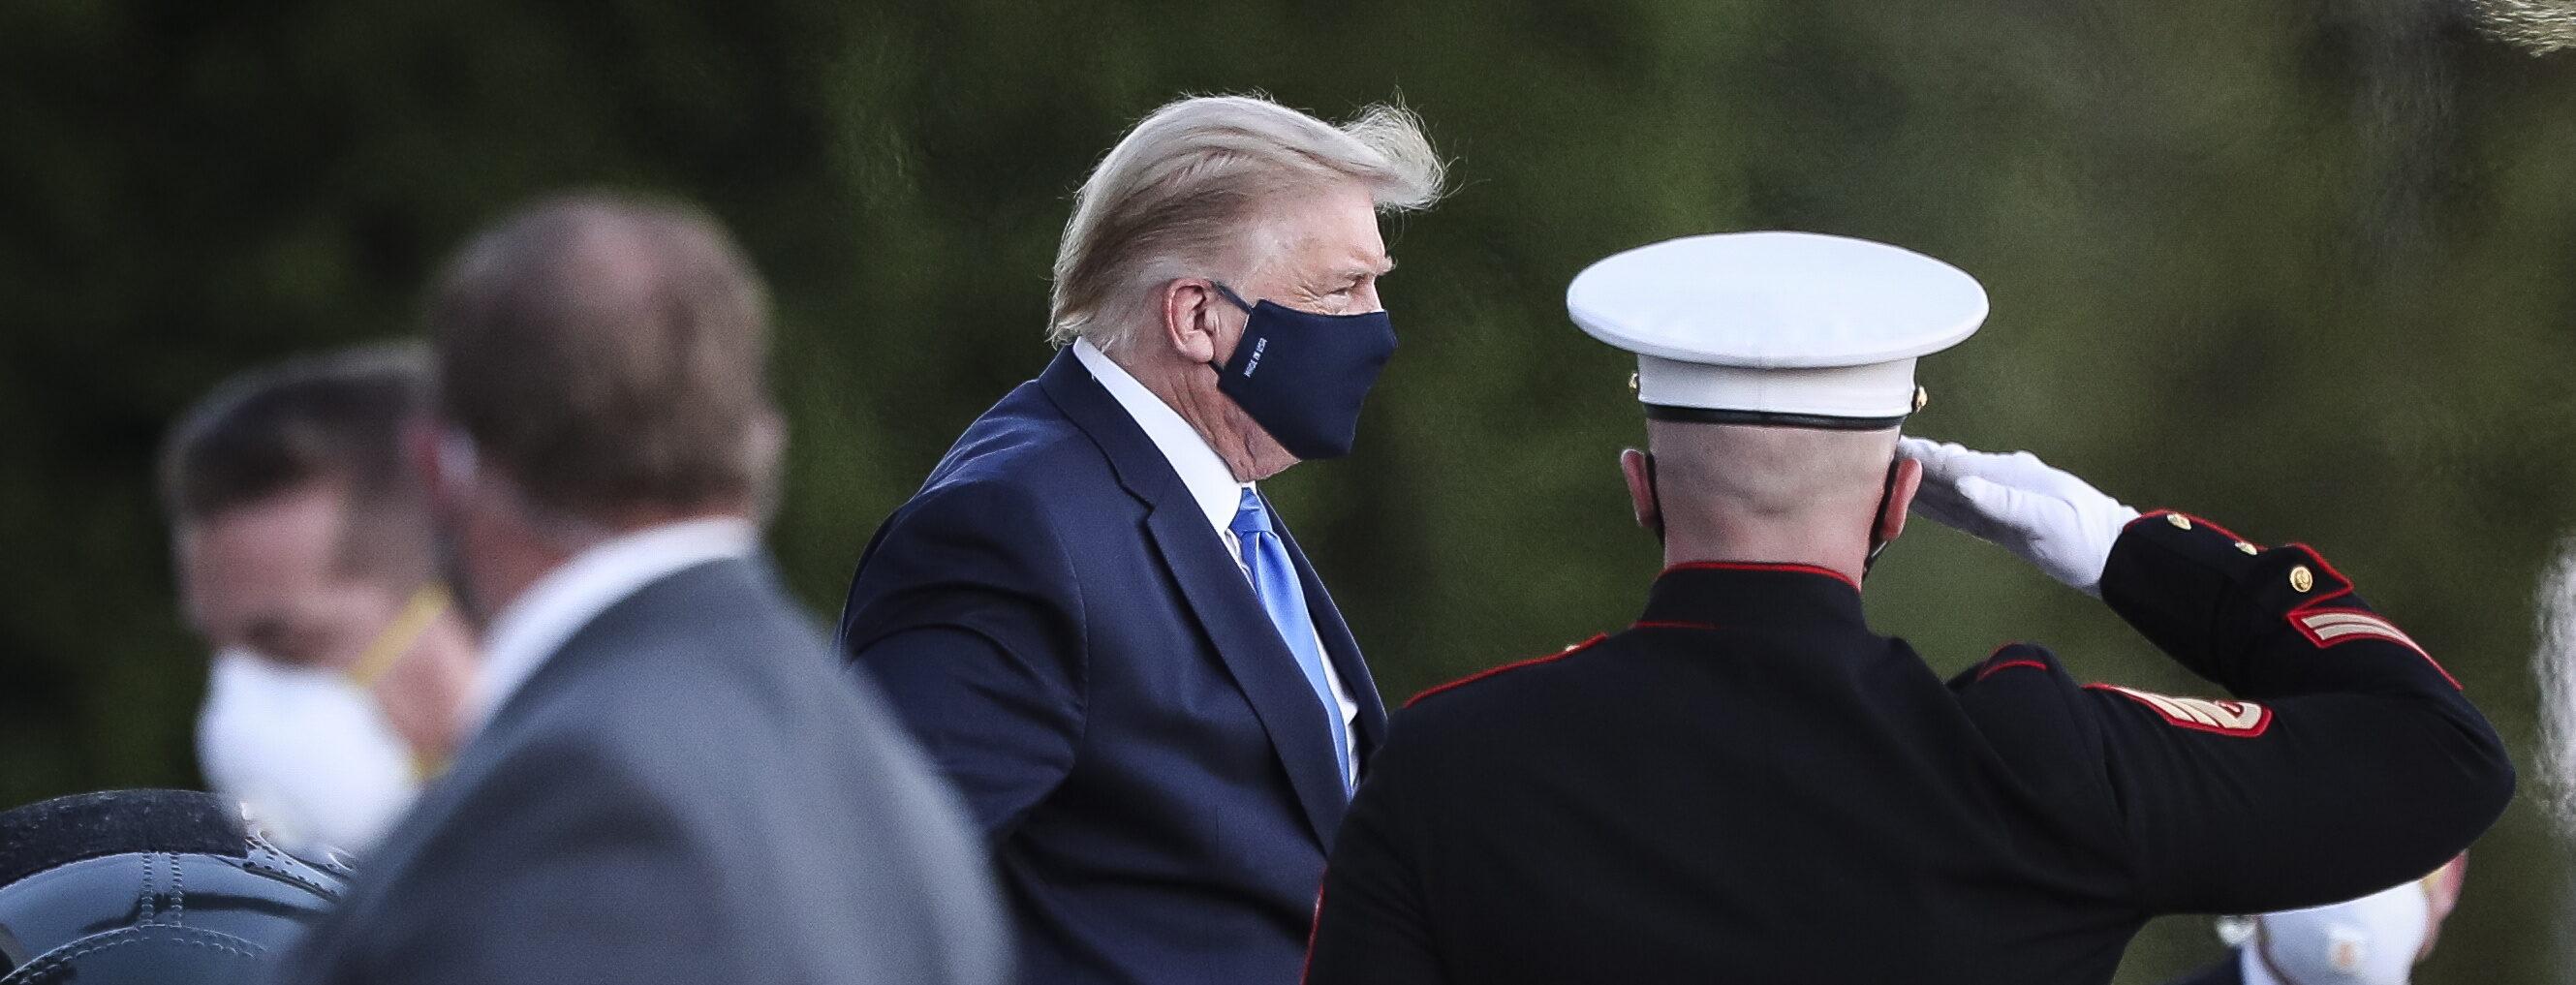 Trump mogelijk maandag ontslagen uit ziekenhuis